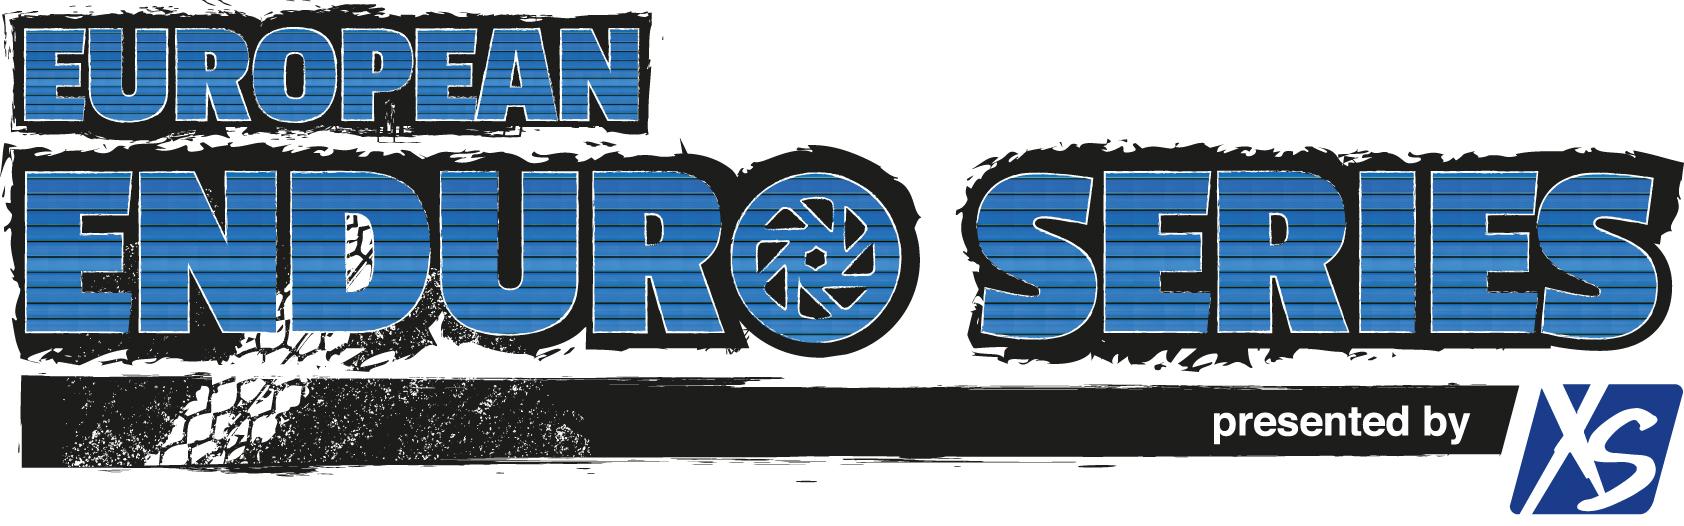 ees logo european enduro series